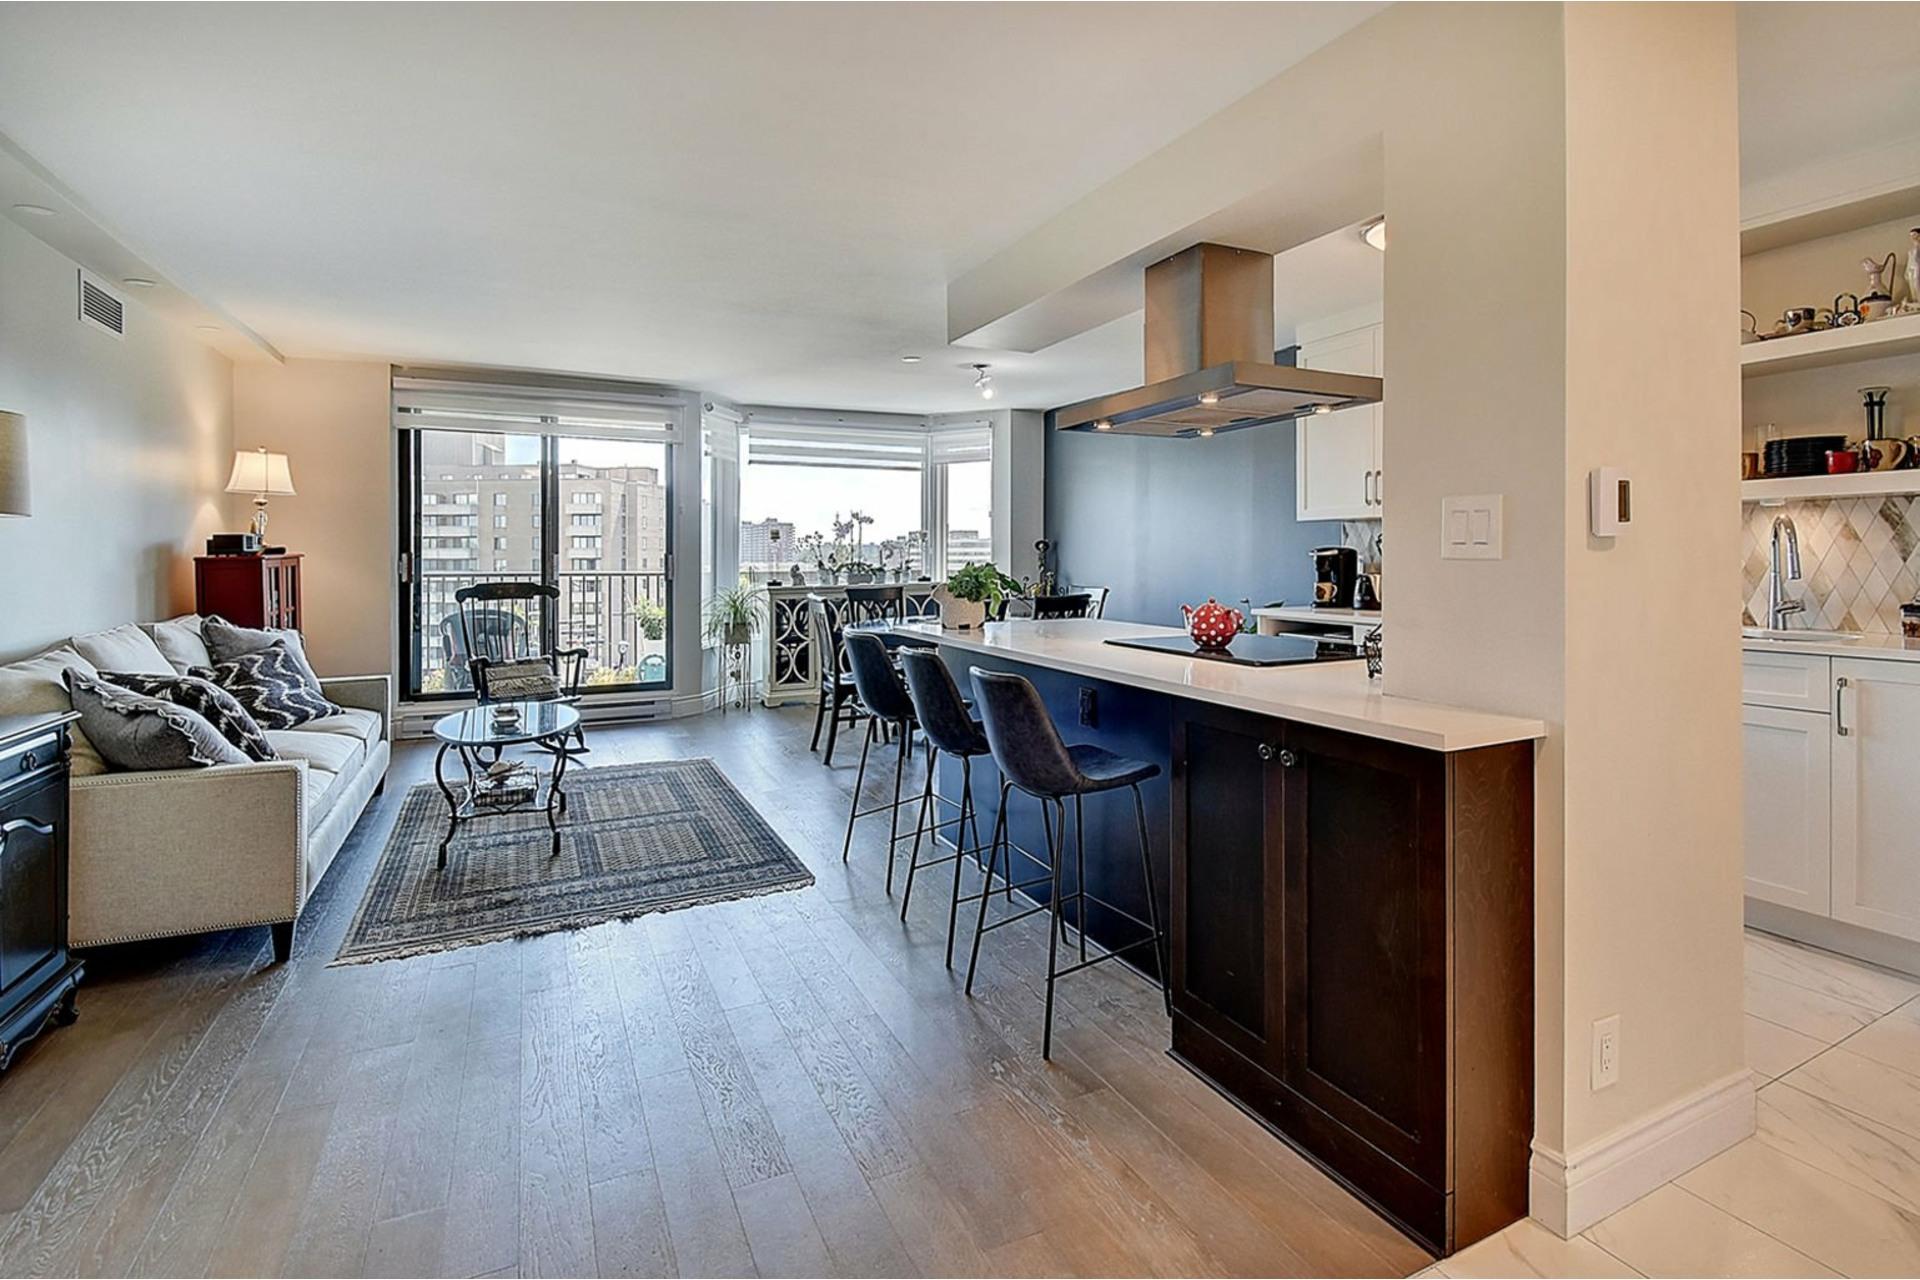 image 7 - Apartment For sale Côte-Saint-Luc - 8 rooms